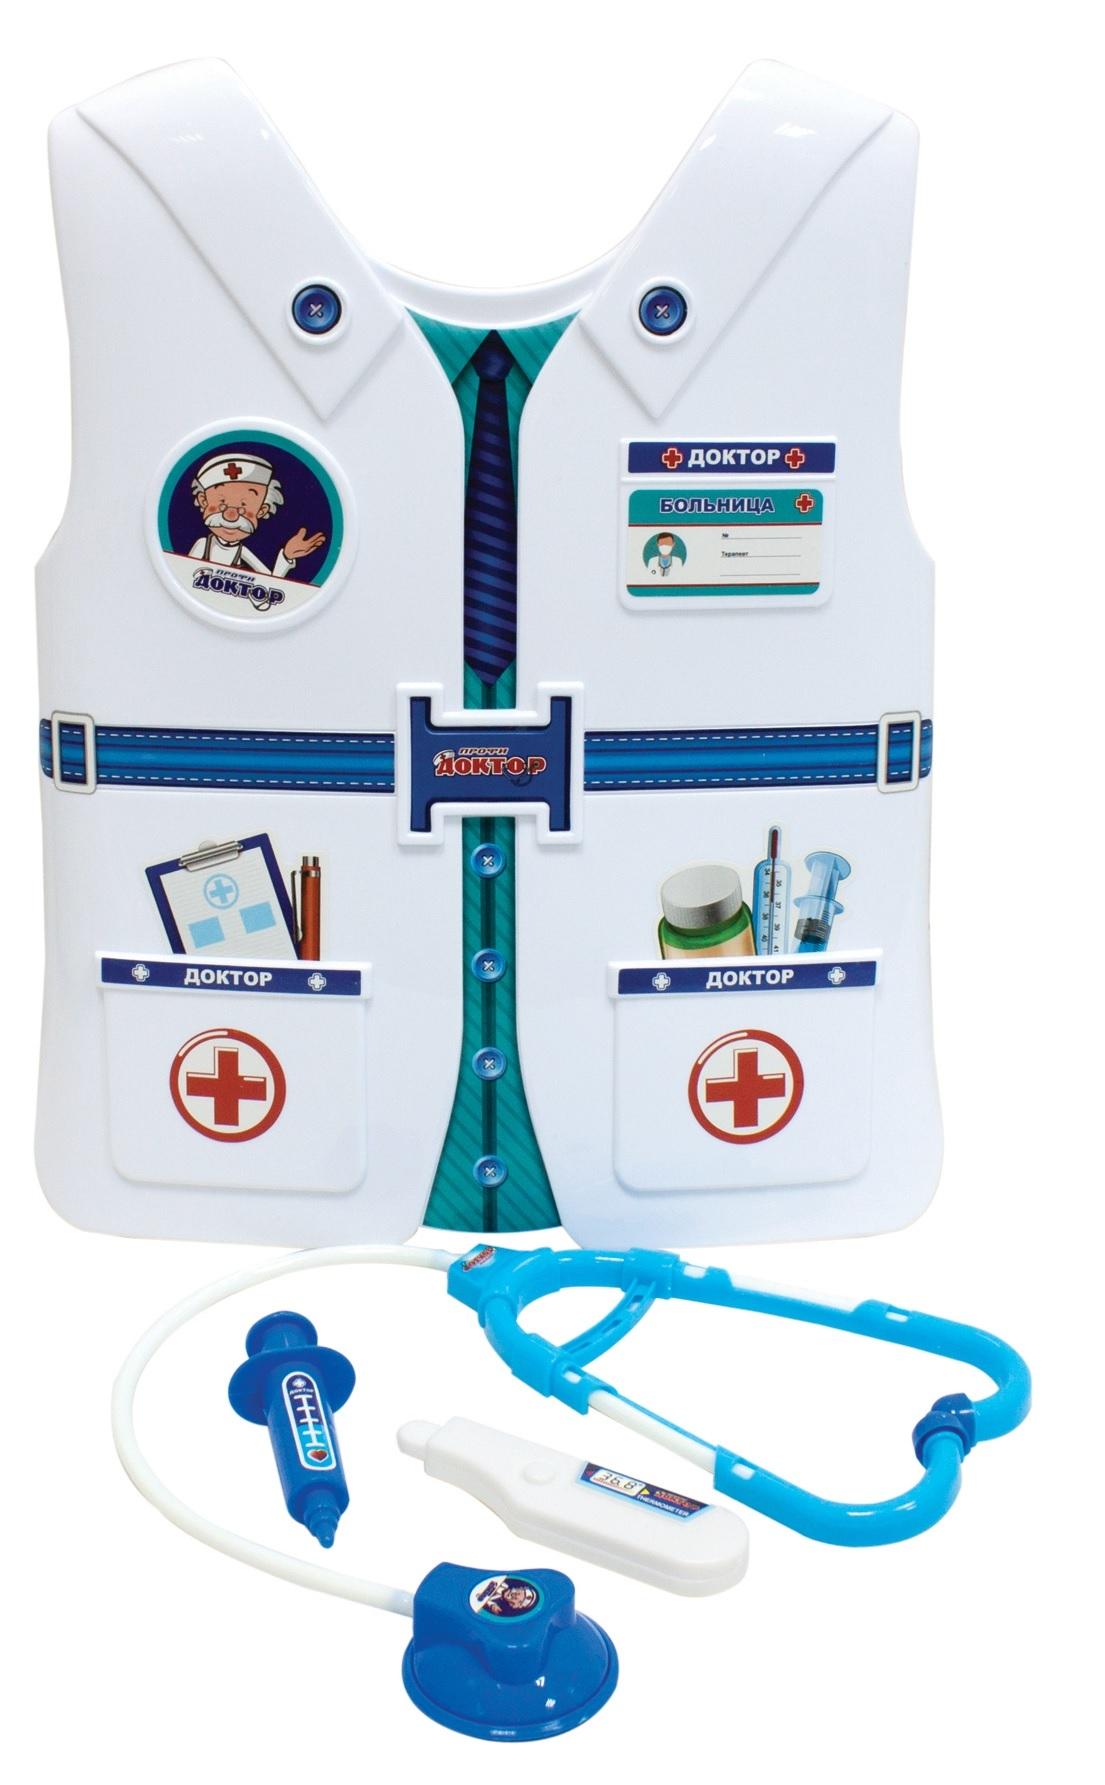 Игровой набор 1toy Доктор с жилетом 3 пр Т10484 1 toy детский игровой набор доктор арт т56708